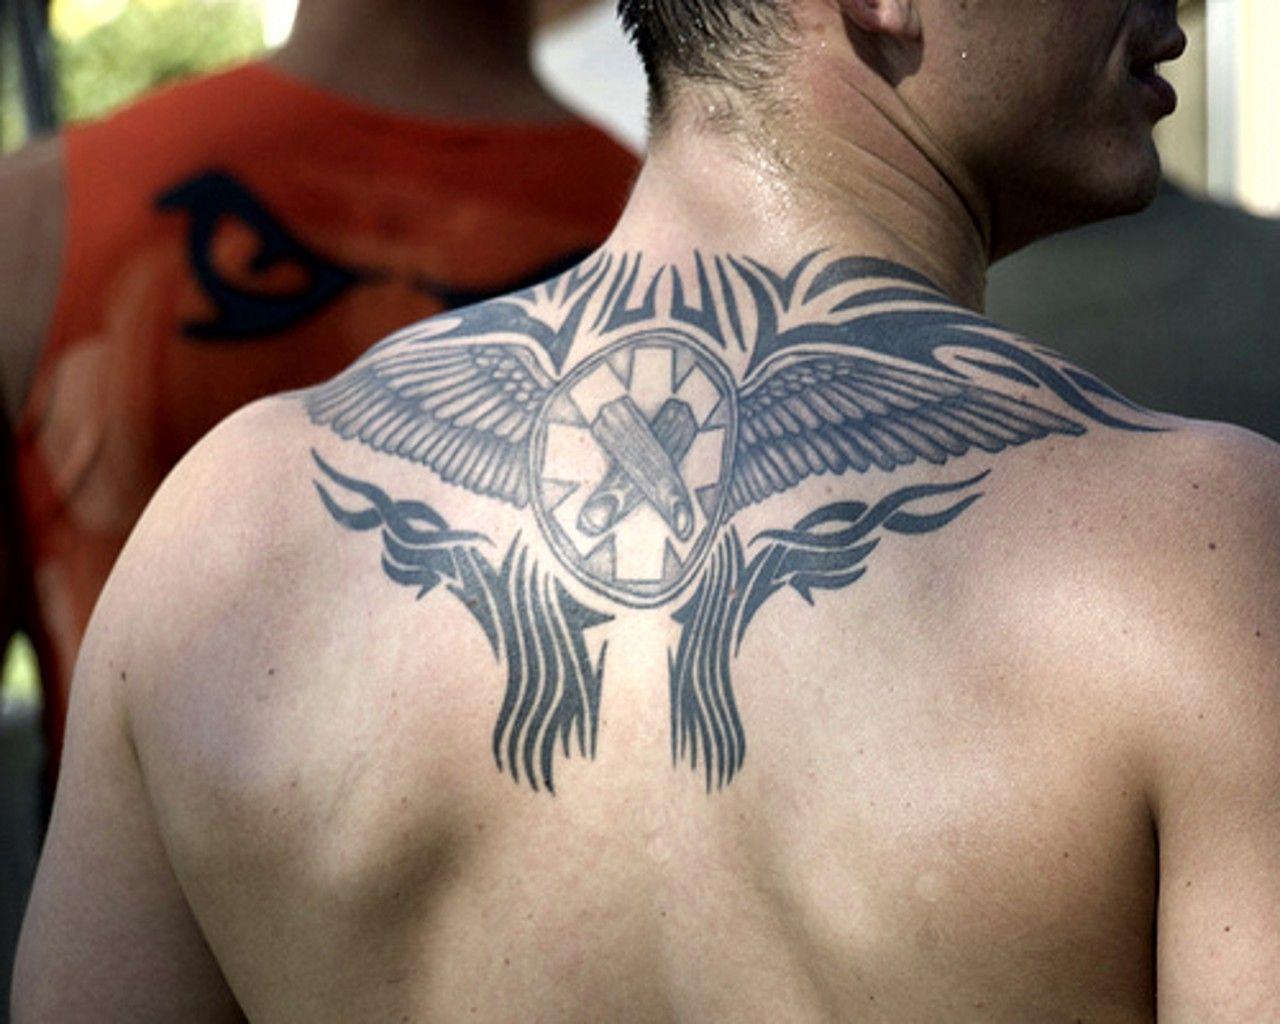 Tattoo designs on the back - Tattoo